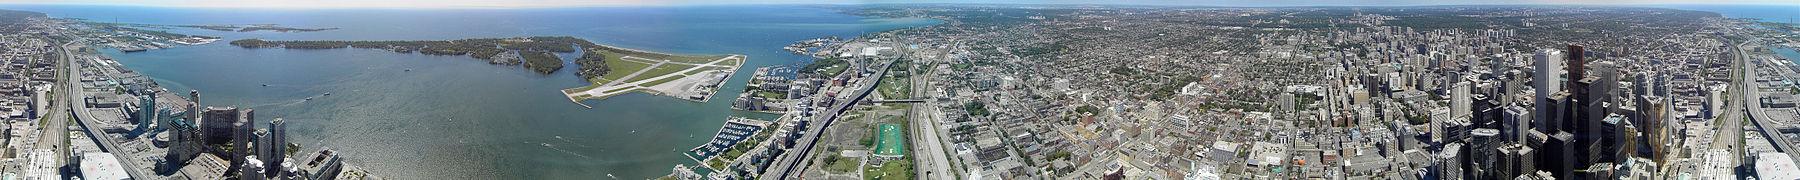 Toronto panorama.jpg